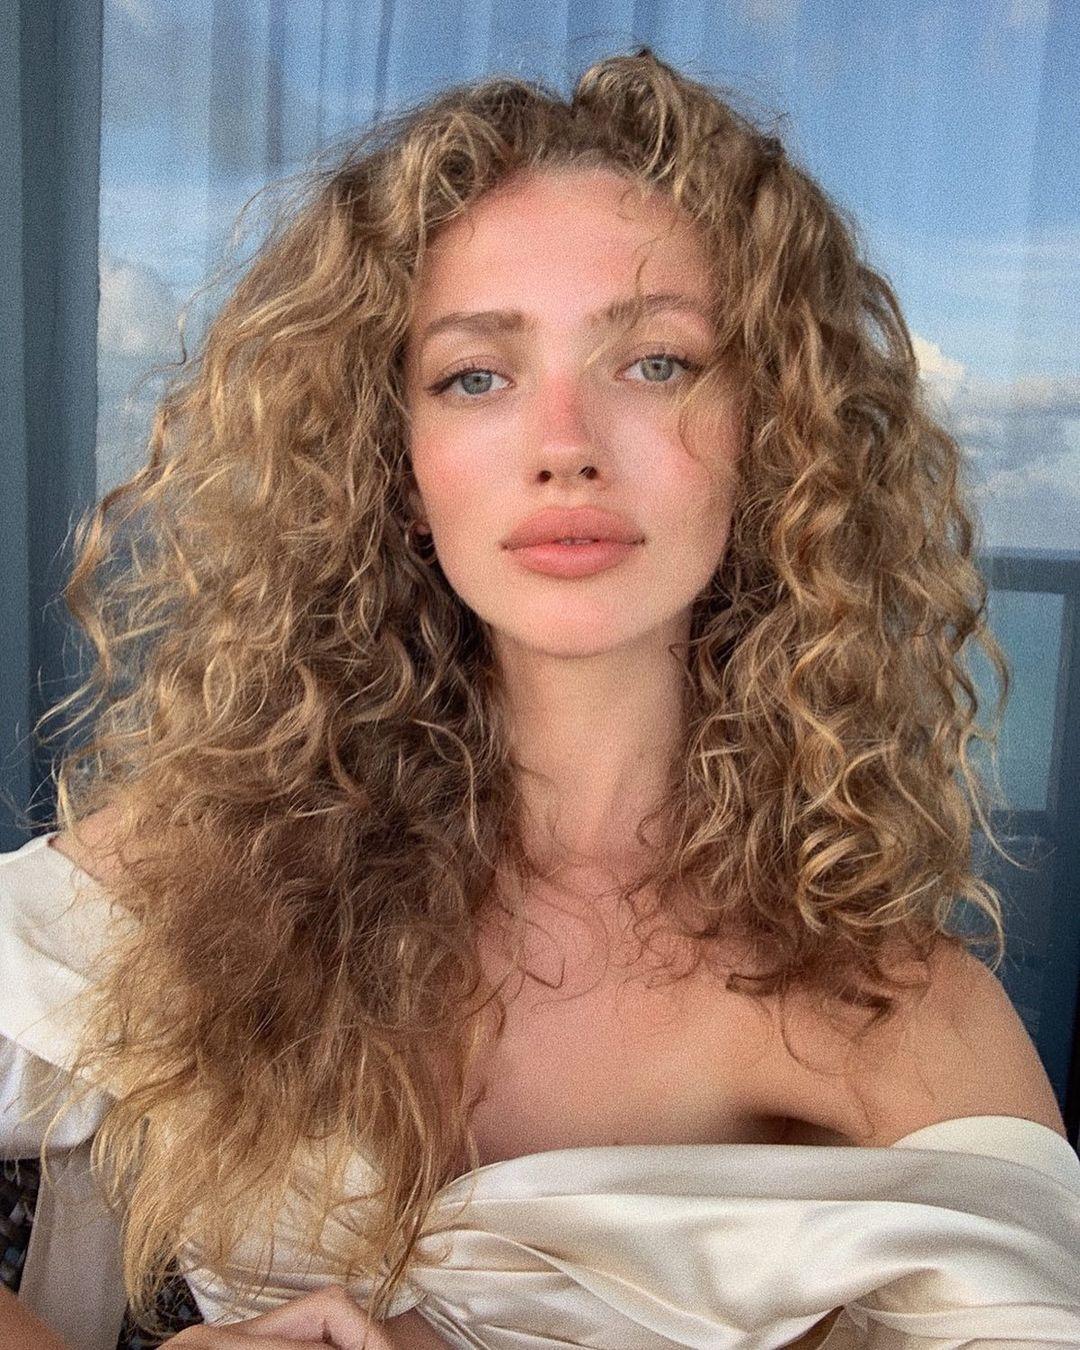 Tanya-Kizko